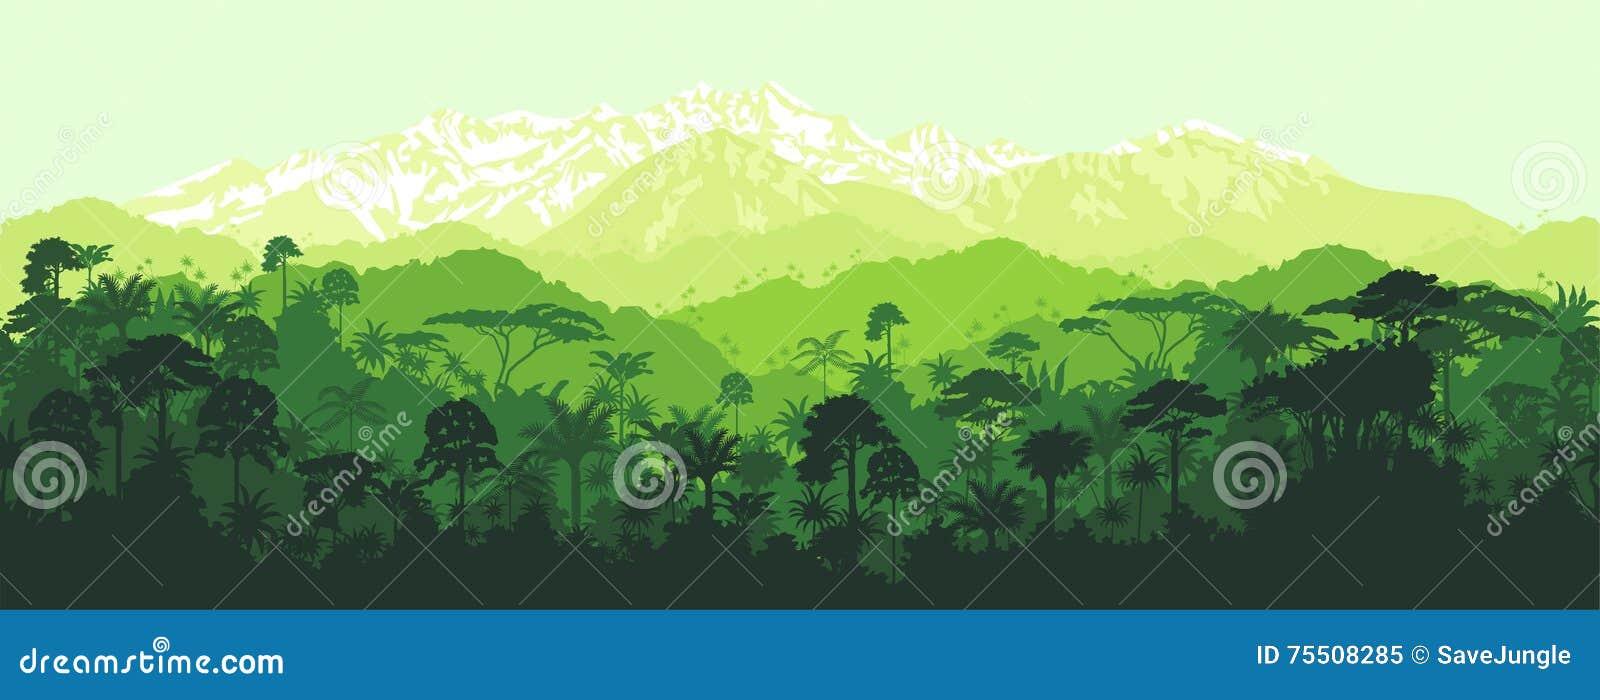 Wektorowa horyzontalna bezszwowa tropikalna dżungla z góry tłem